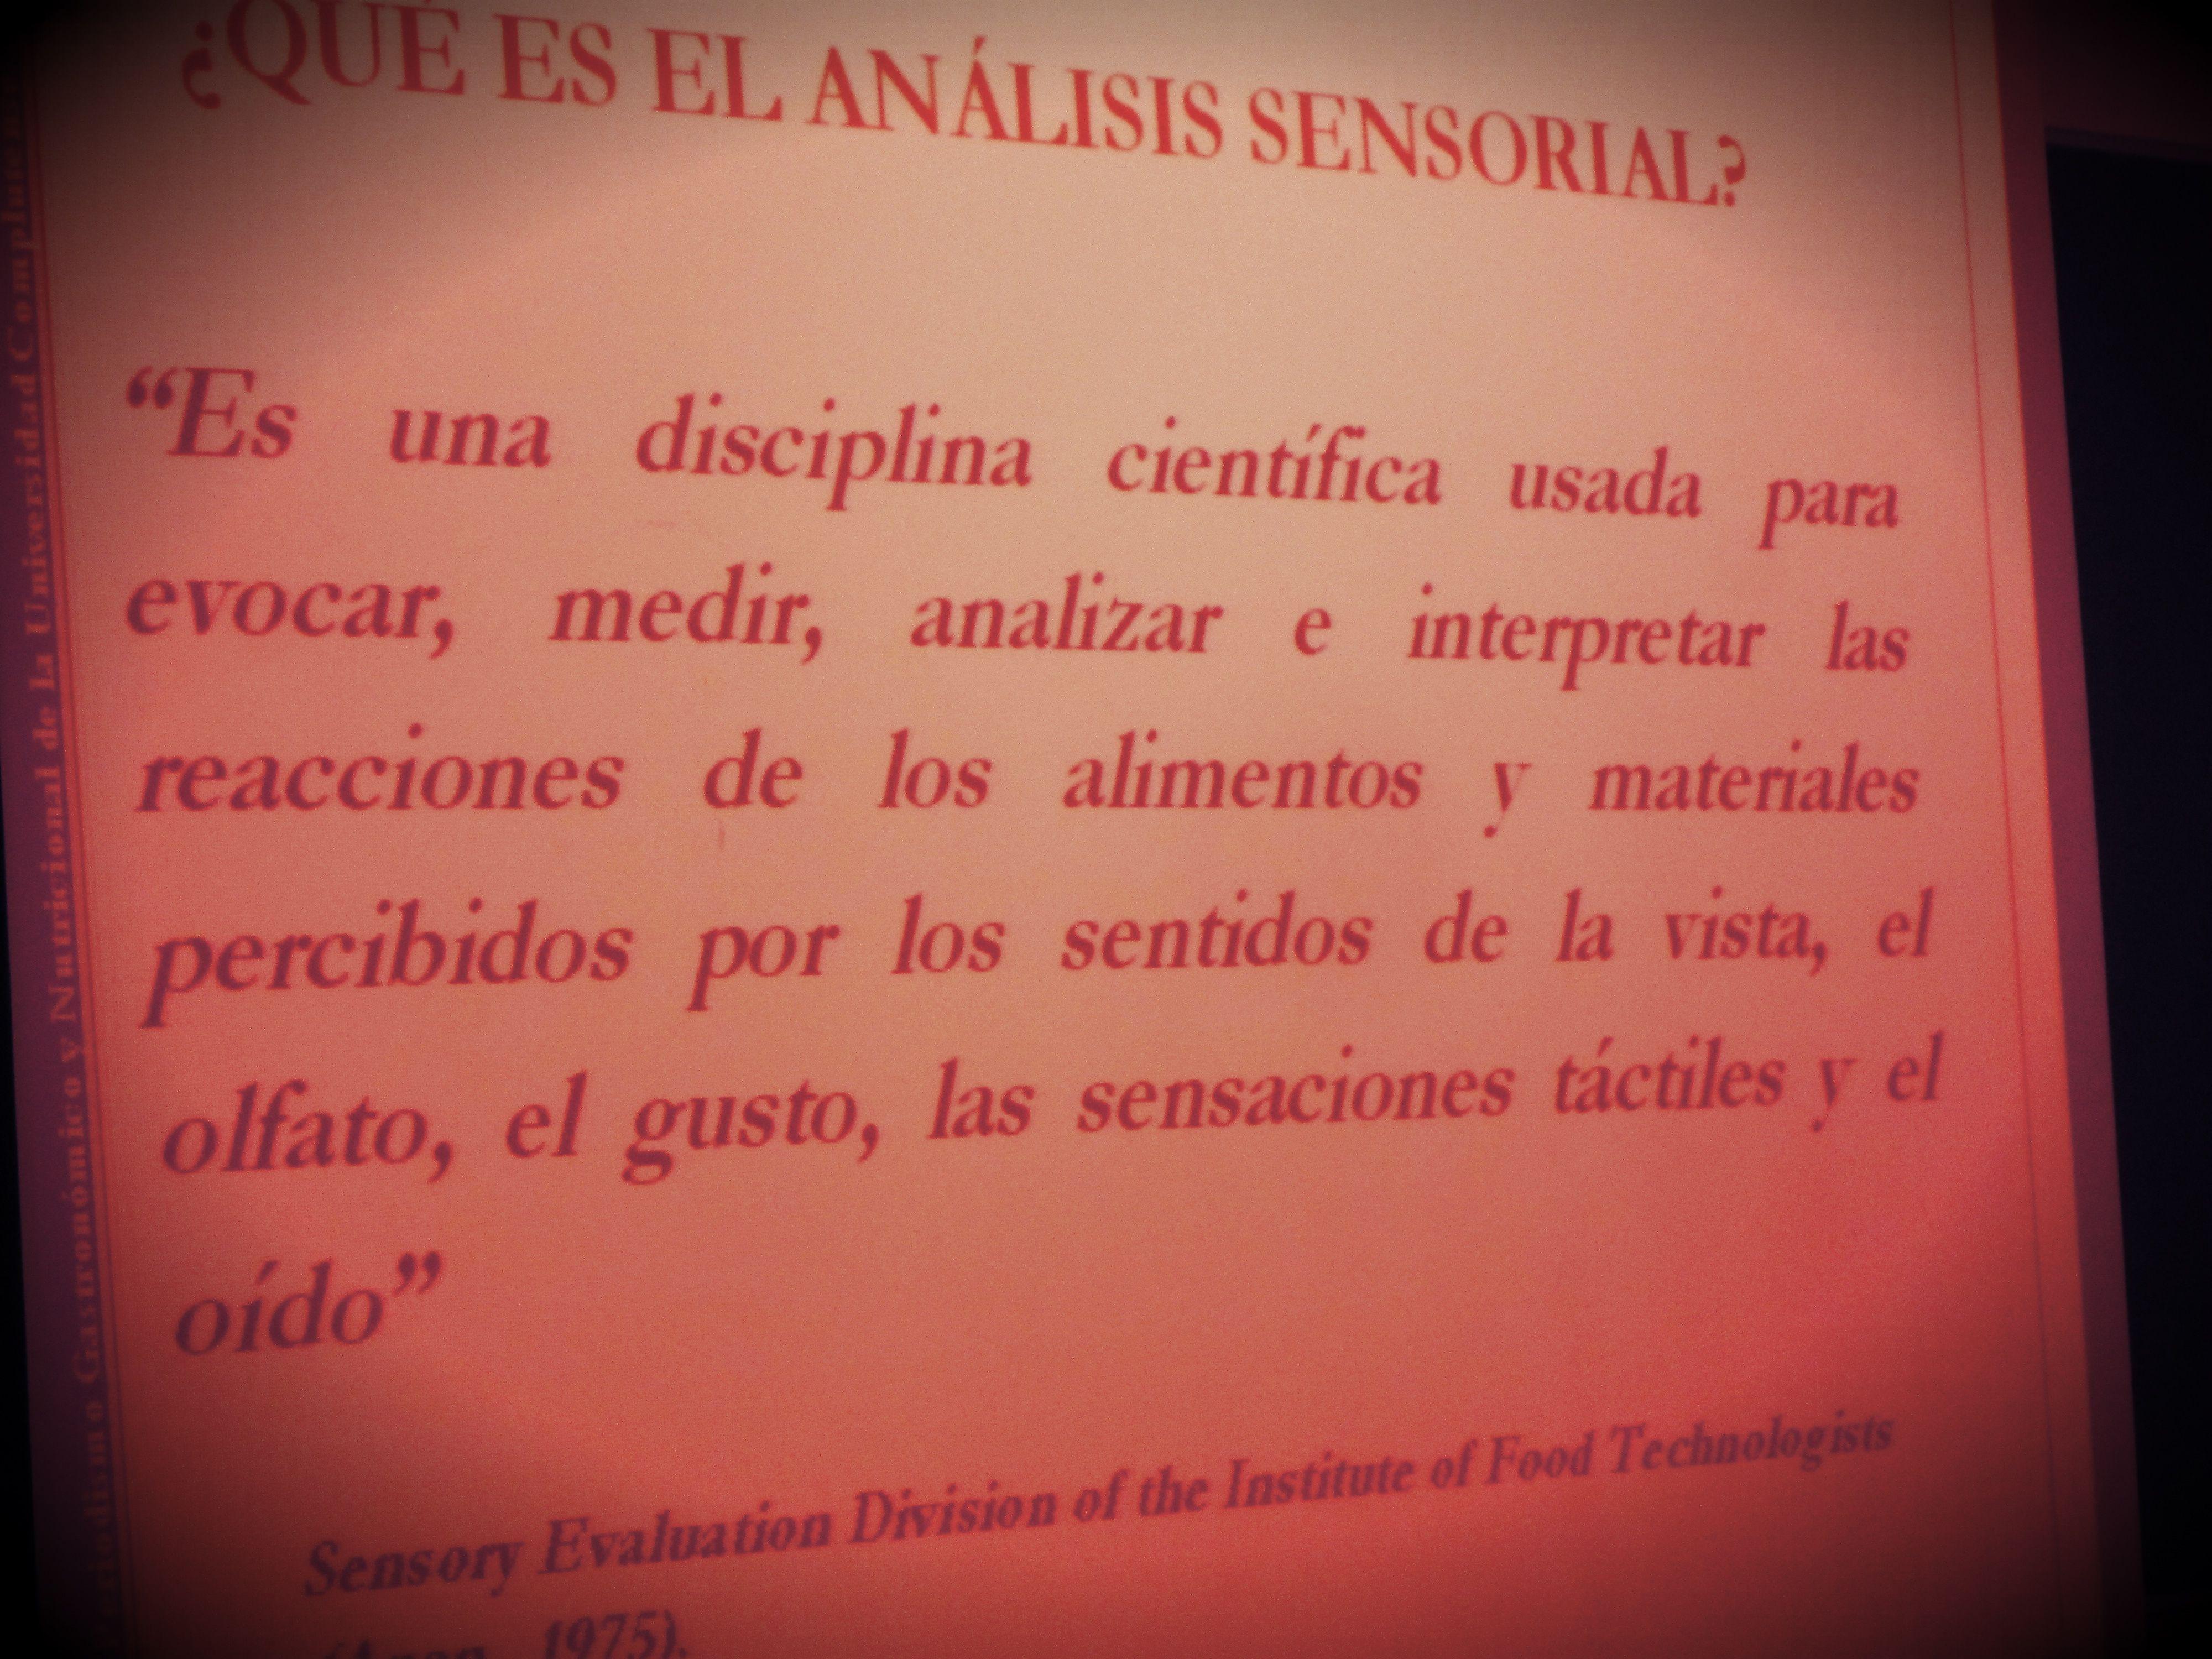 ¿Qué es el análisis sensorial? Imprescindible definición en este campo. Imagen Nuria Blanco, @nuriblan. 05.04.2013